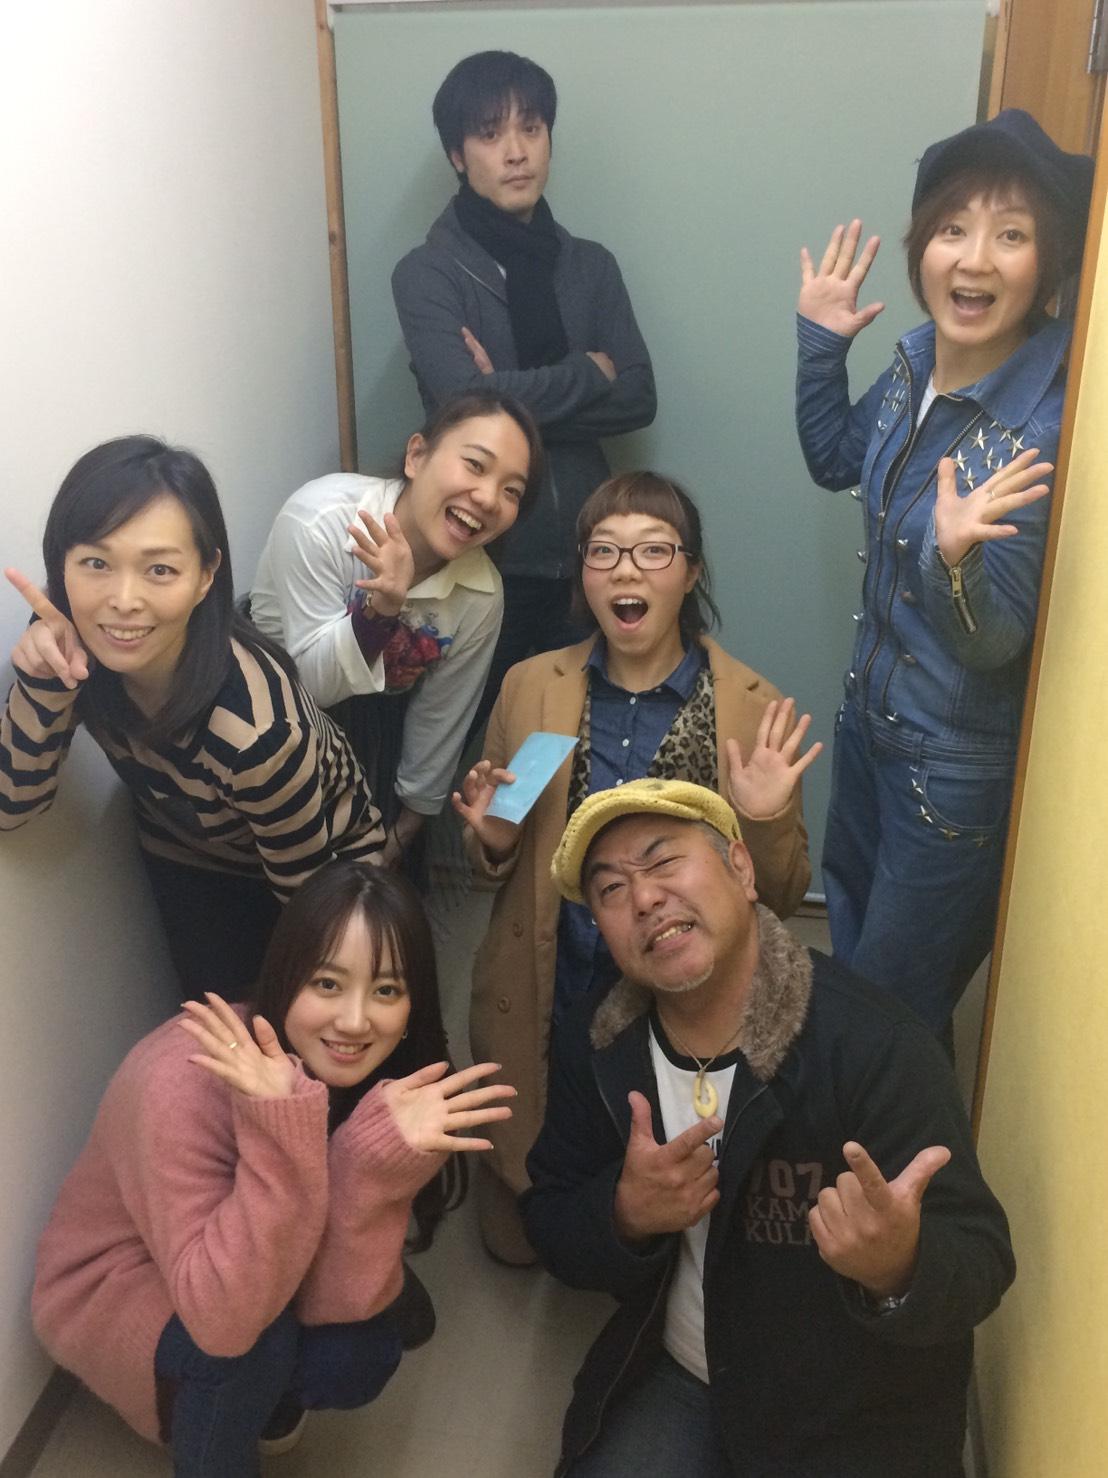 【矢原加奈子・雨宮あさひ出演】5KIGENじゃナイト